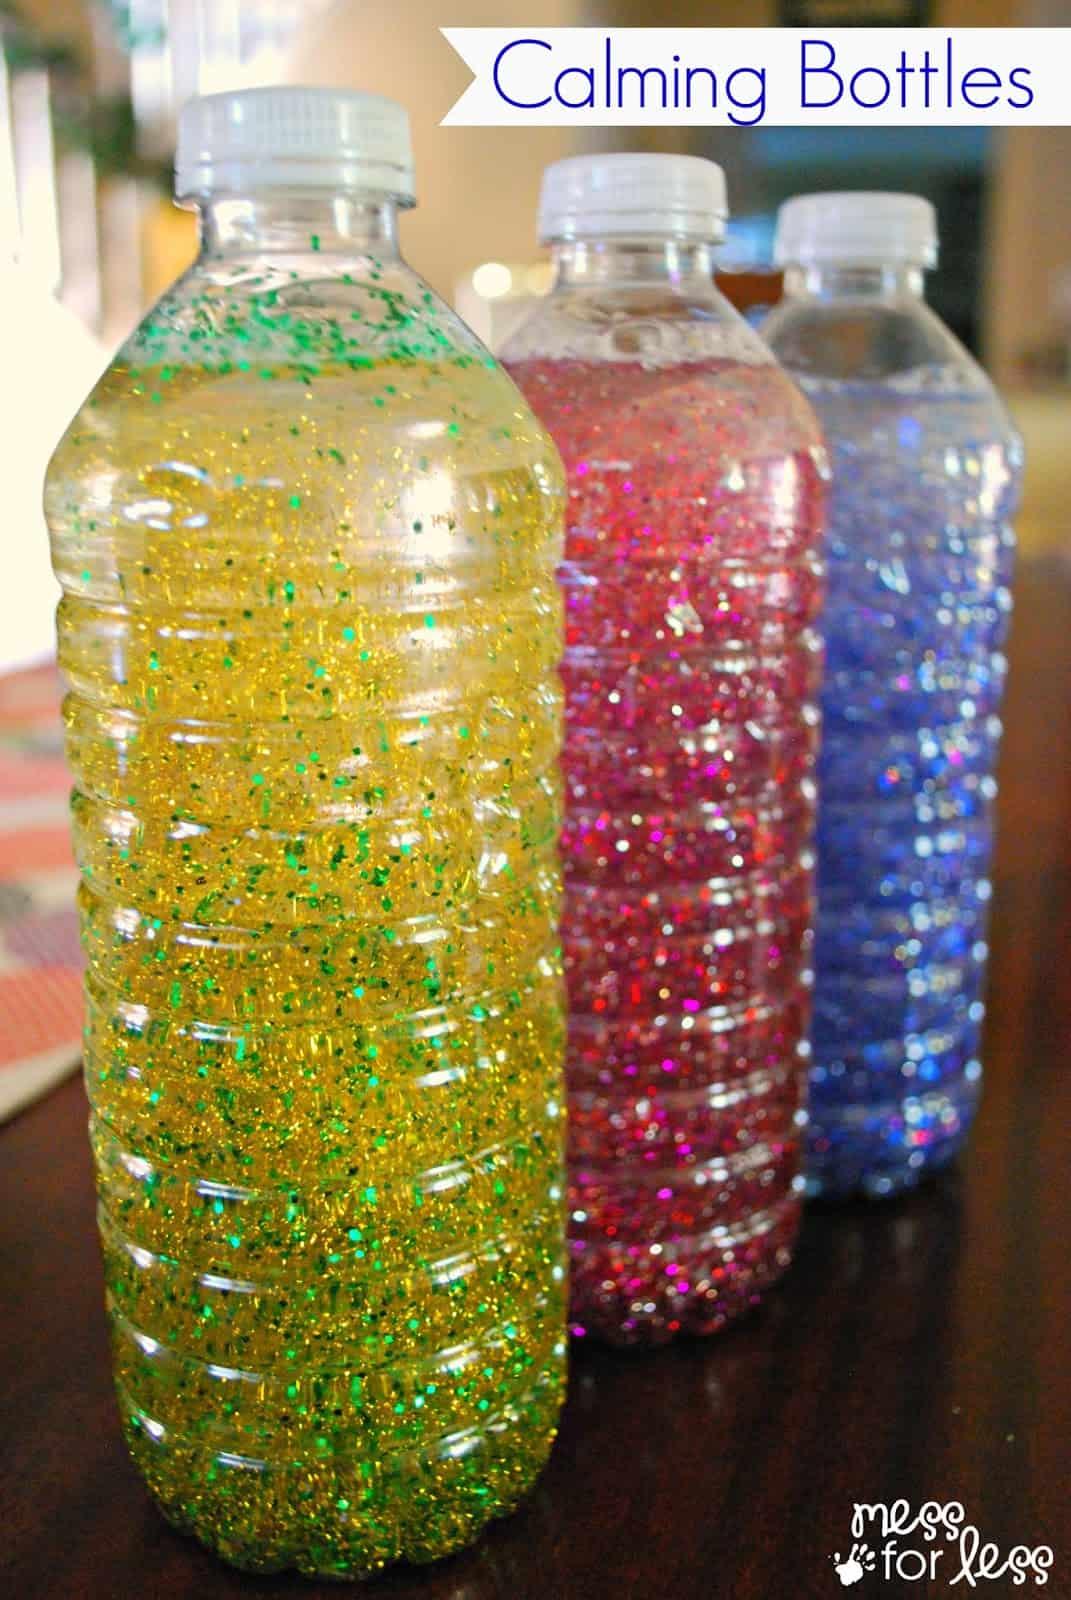 sensory bottles for preschool calming bottles mess for less 706